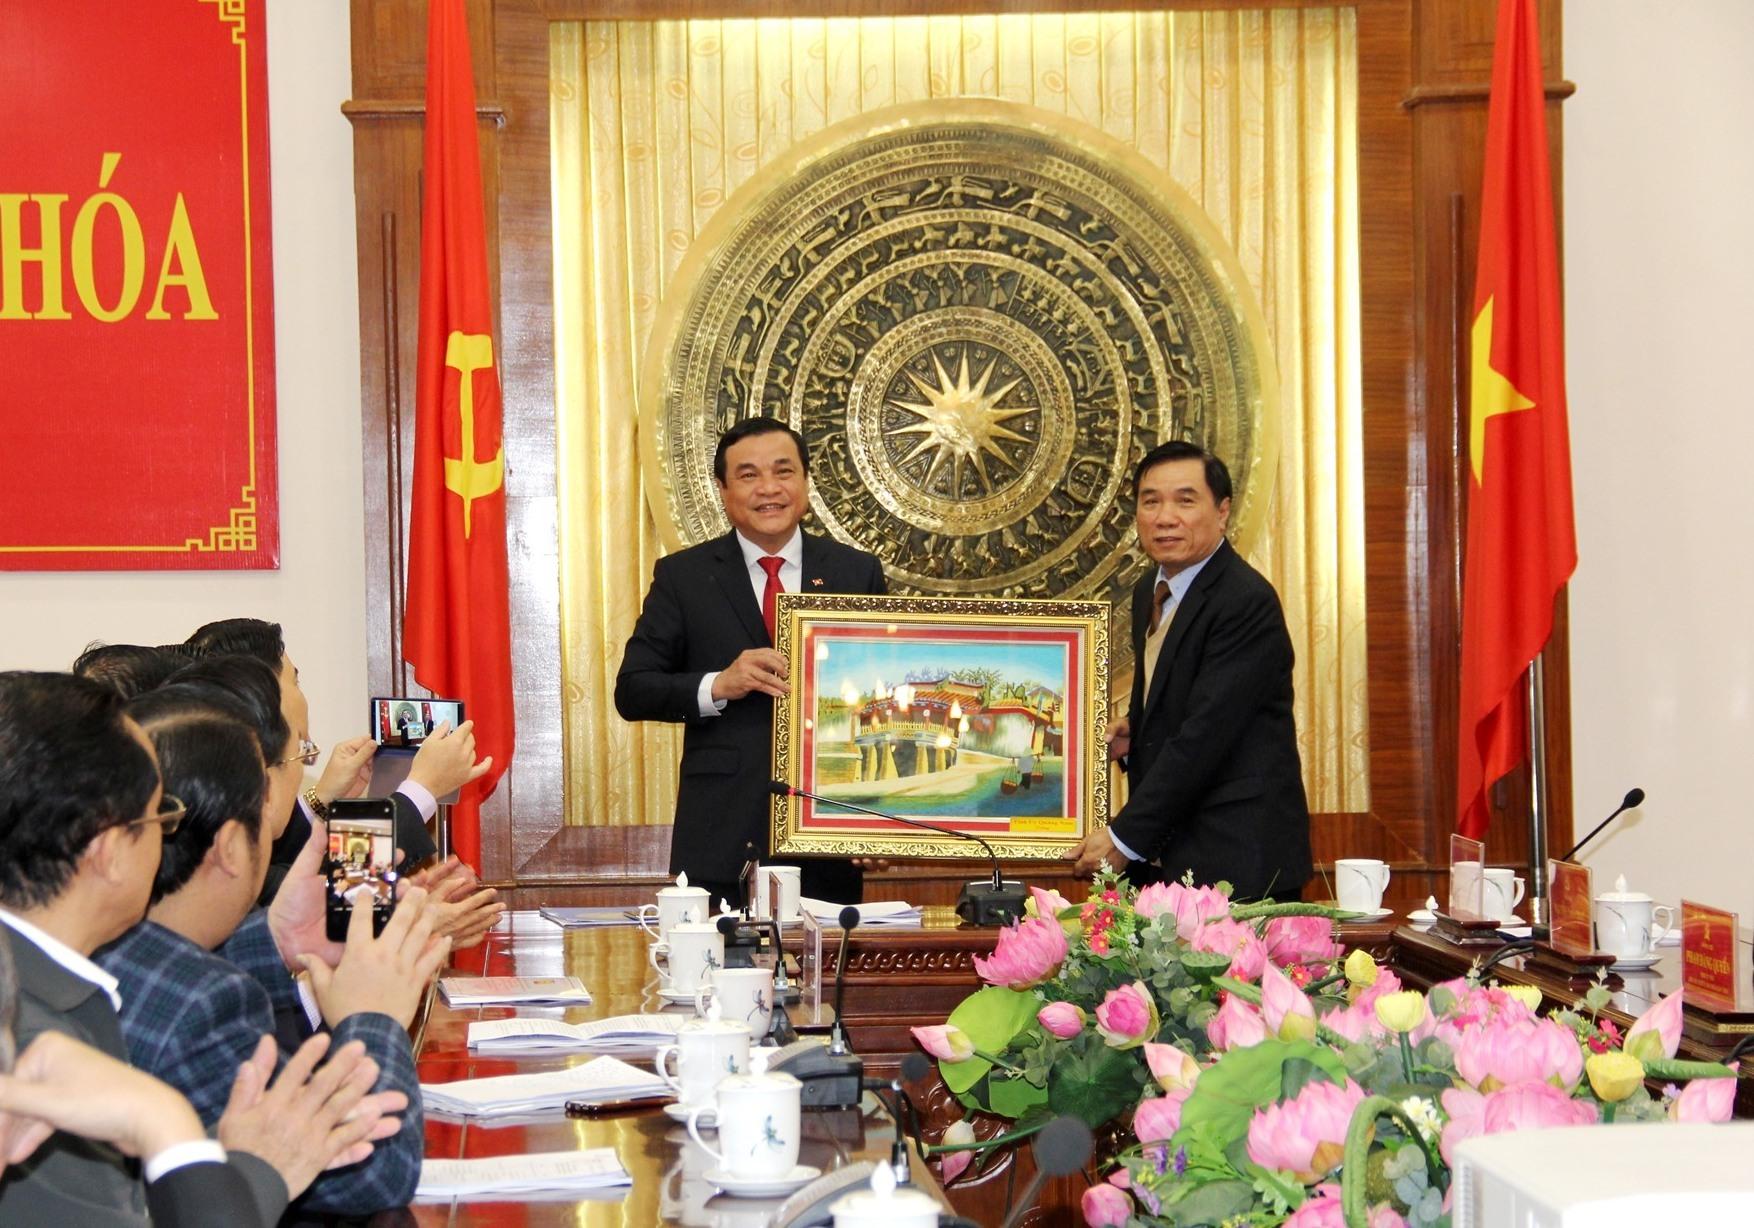 Lãnh đạo Quảng Nam trao quà cho tỉnh Thanh Hóa sau buổi làm việc. Ảnh: A.N